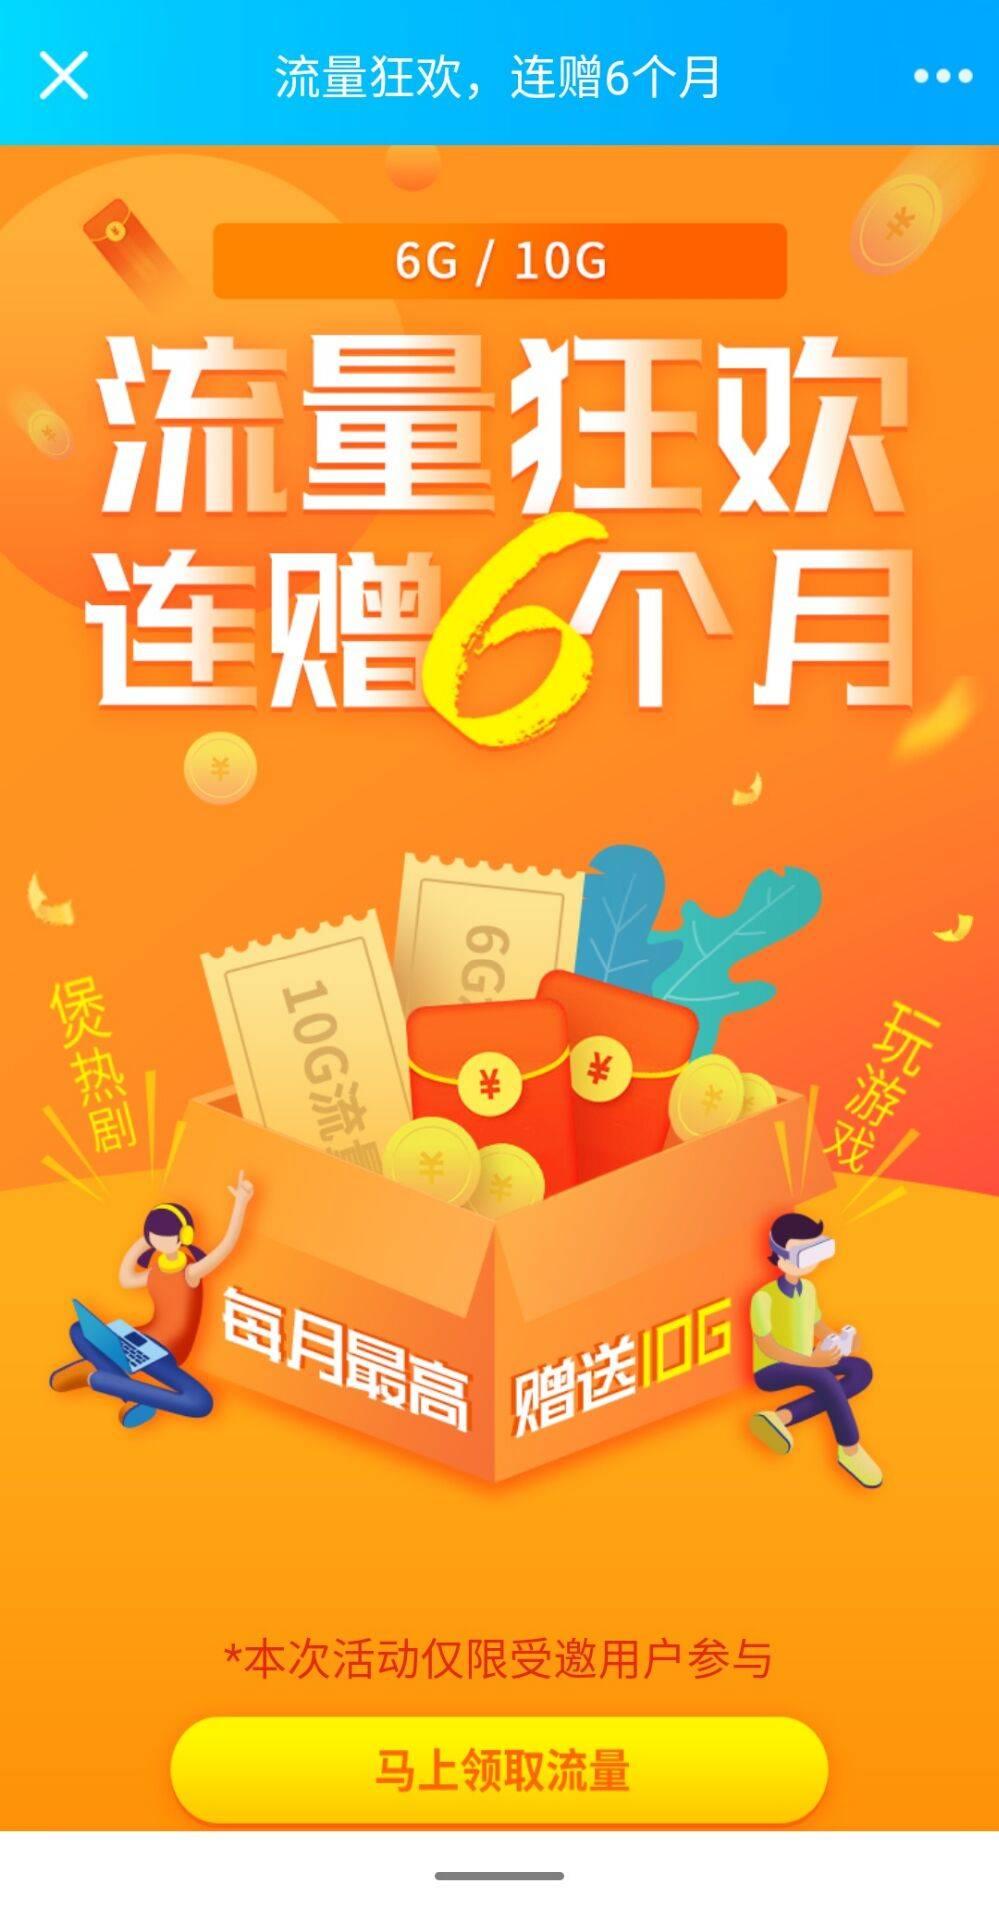 广东电信免费领6-10g流量